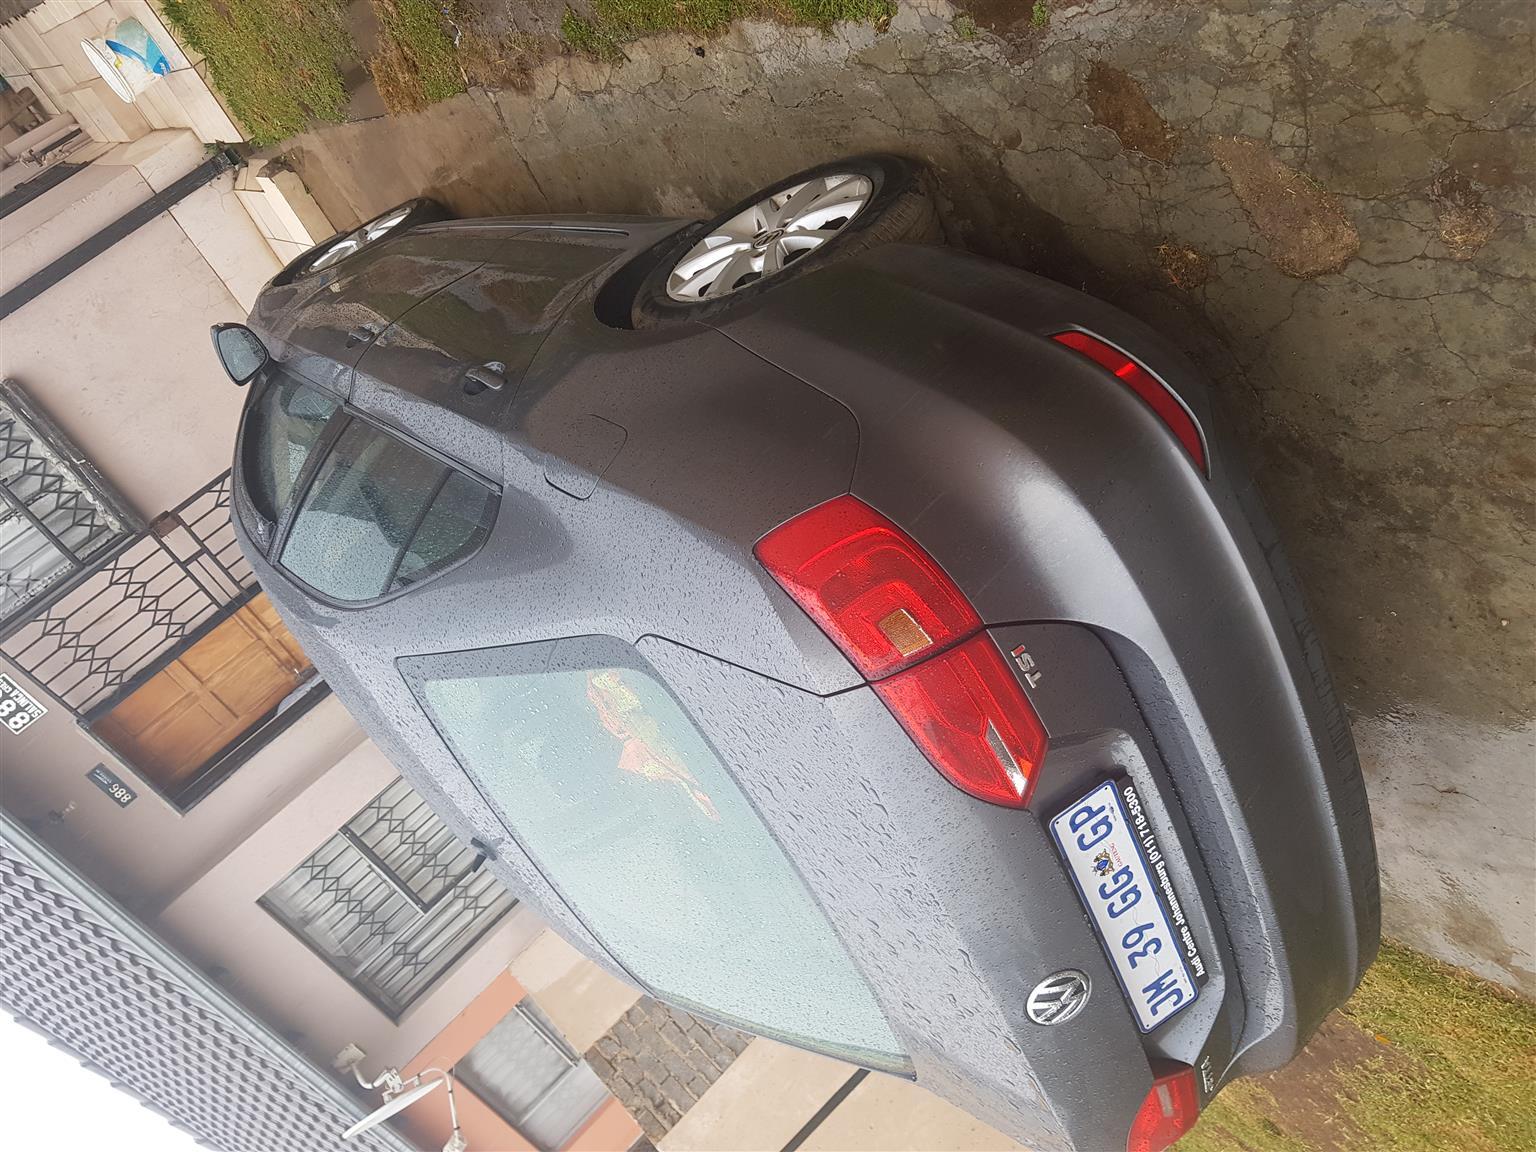 2012 VW Jetta 1.4TSI Comfortline DSG